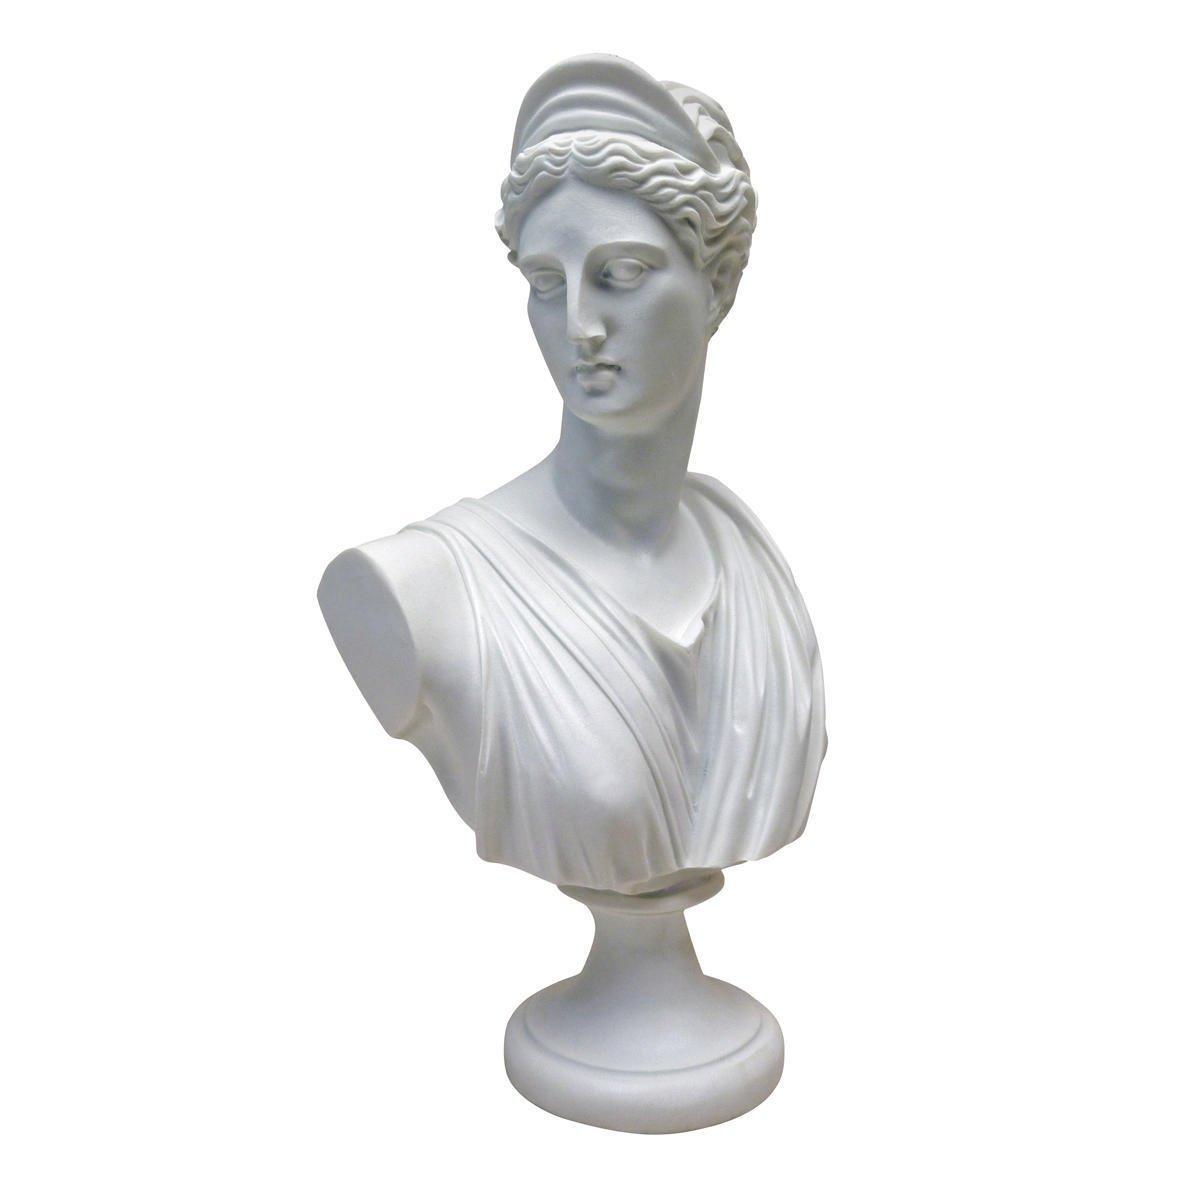 アート インテリア 飾り 彫刻 オブジェ 石像 置物 ギリシャ神話 ダイアナ